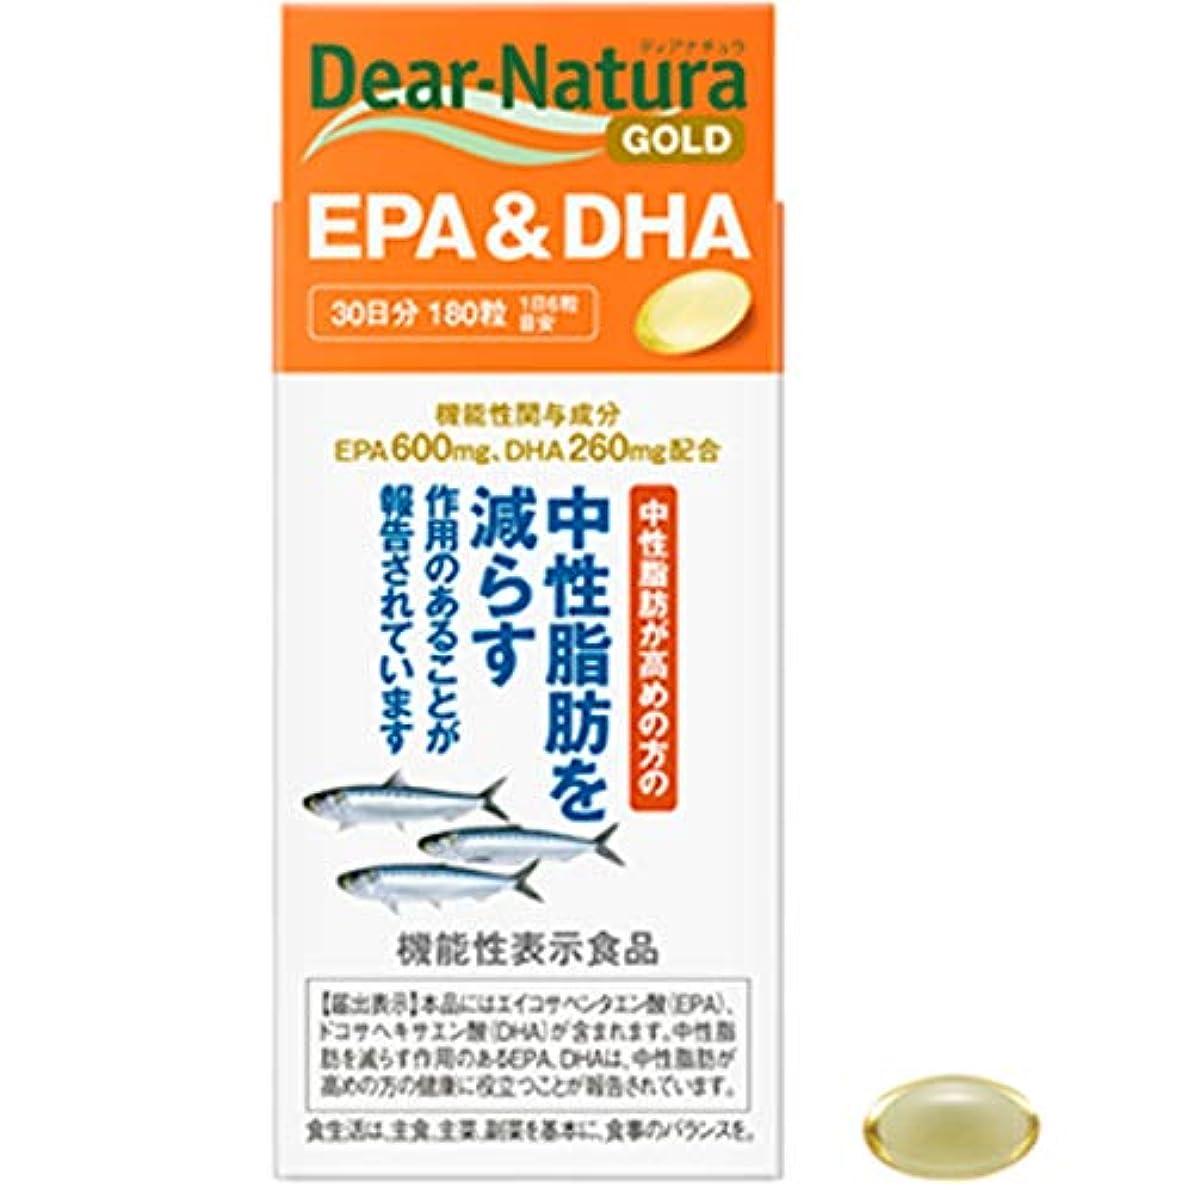 シチリア責めせせらぎディアナチュラゴールド EPA&DHA 30日分 180粒入×5個セット